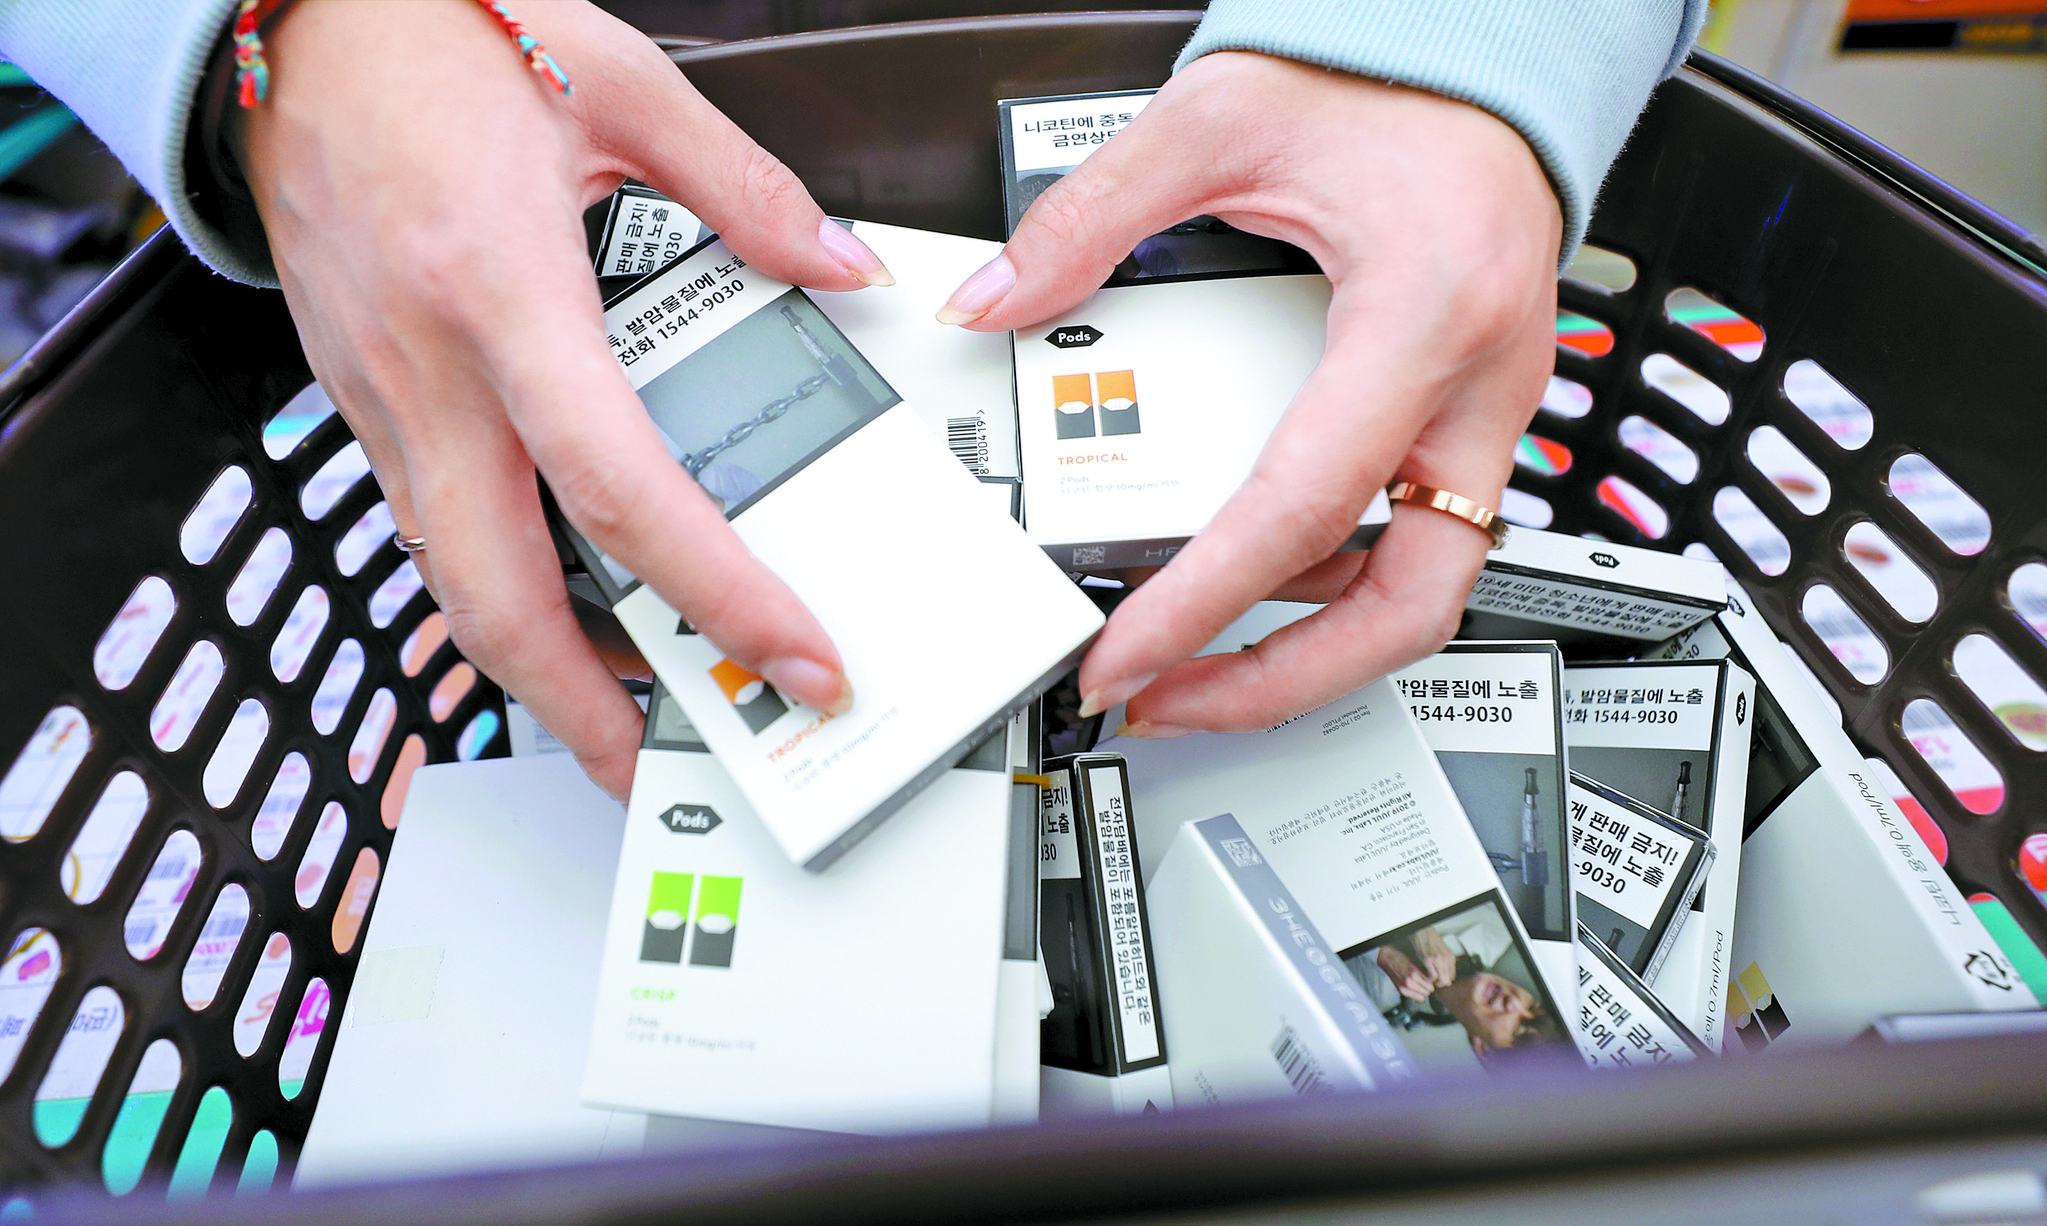 지난 10월 서울 시내 편의점 점원이 판매 중단된 가향 액상형 전자담배를 수거하고 있다. [연합뉴스]